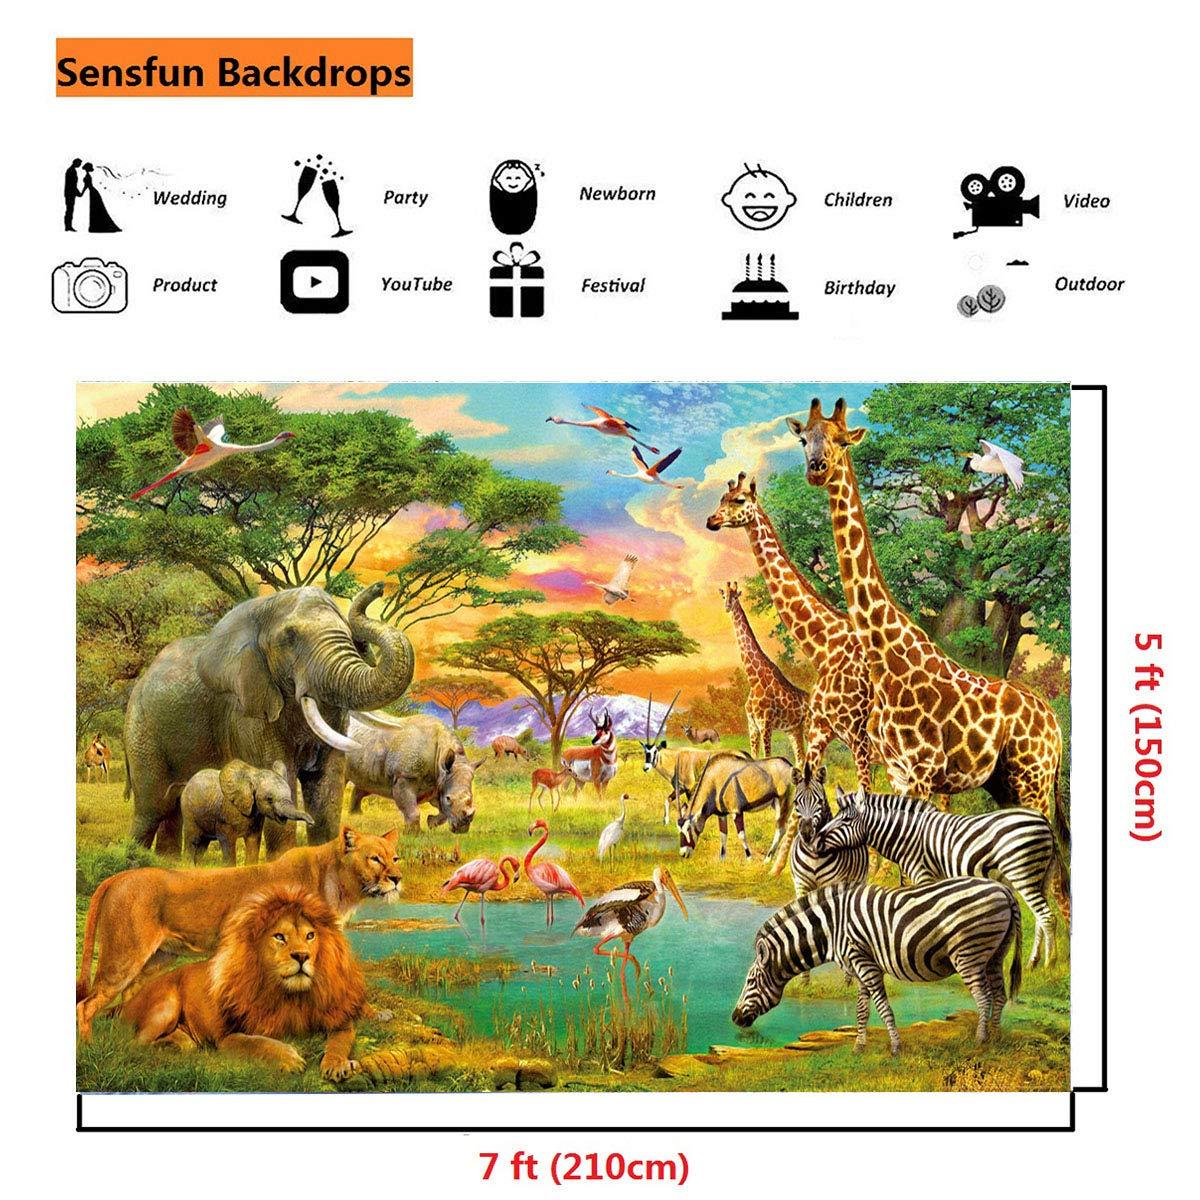 17d825e818d7 Amazon.com : Sensfun 7x5ft Jungle Animal Photography Backdrop Summer ...